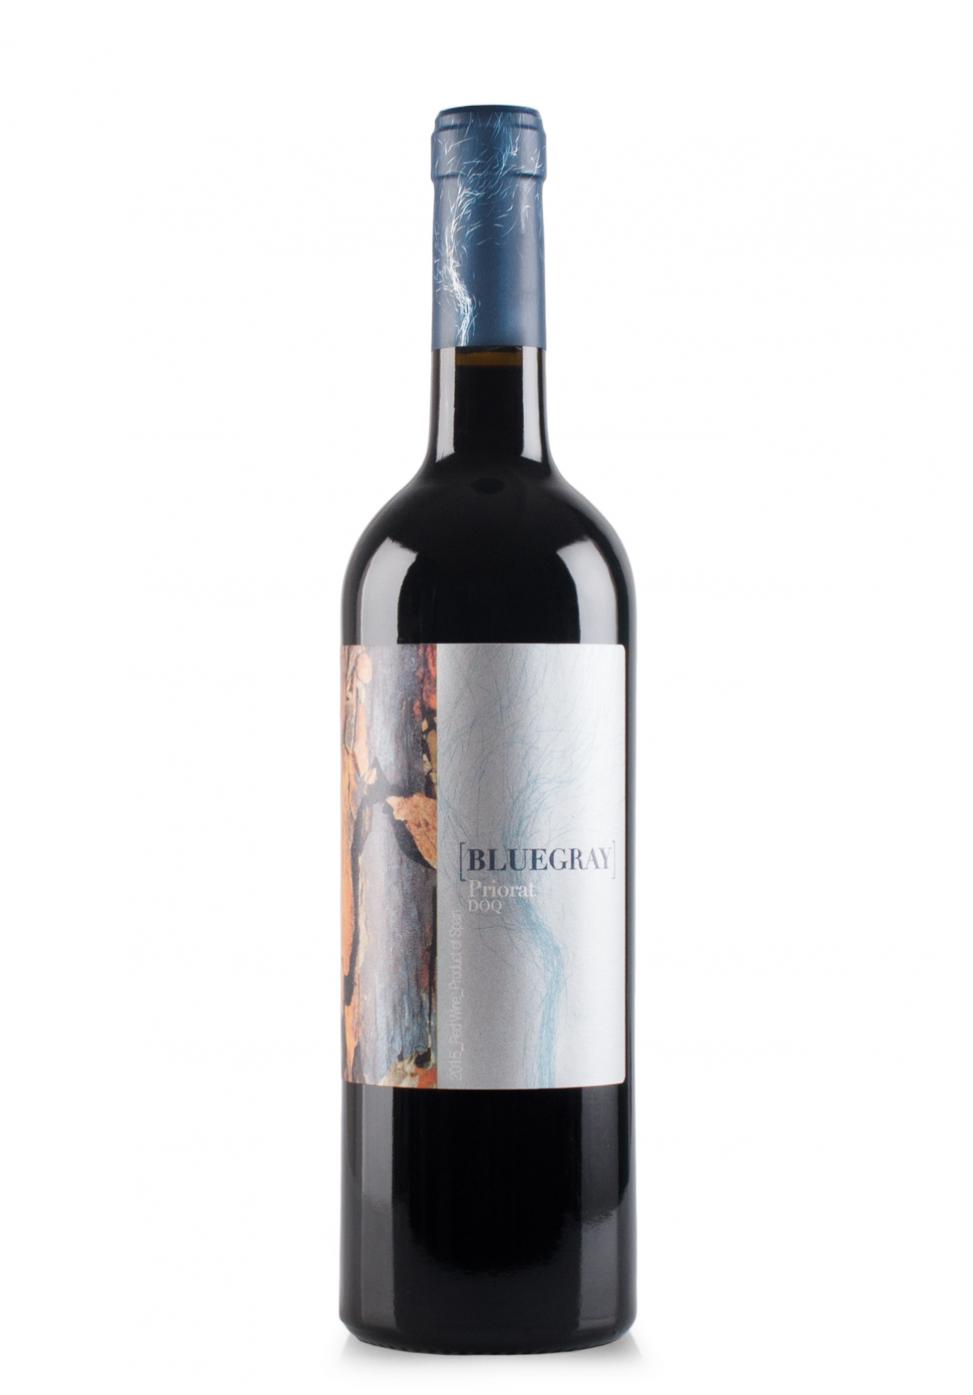 Vin Bodegas Juan Gil Bluegray, D.O.Q Priorat 2015 (0.75L)